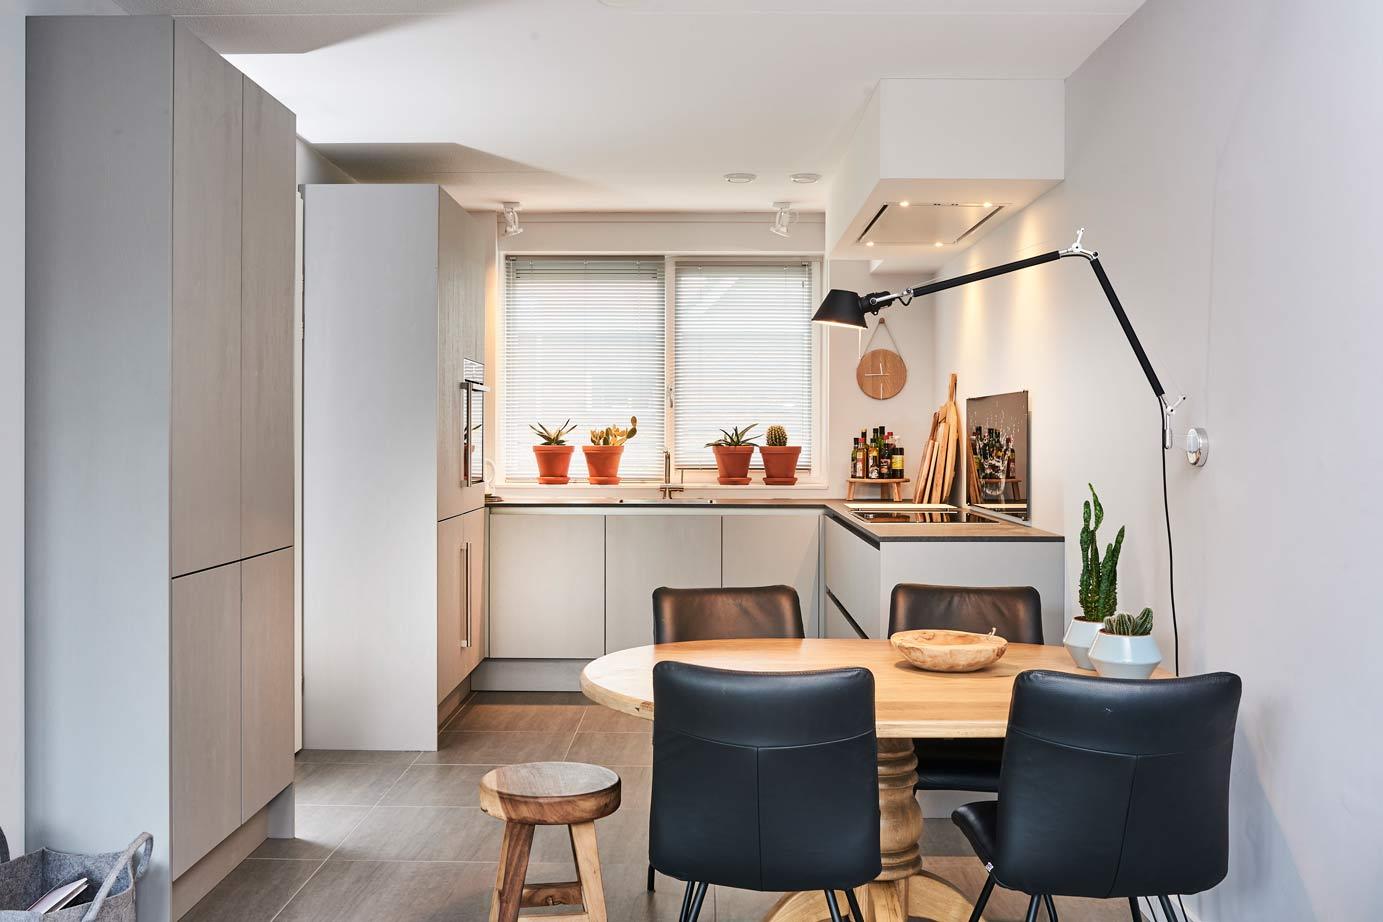 Keur Keukens Haarlem : Moderne keuken kopen in alkmaar lees klantervaring db keukens